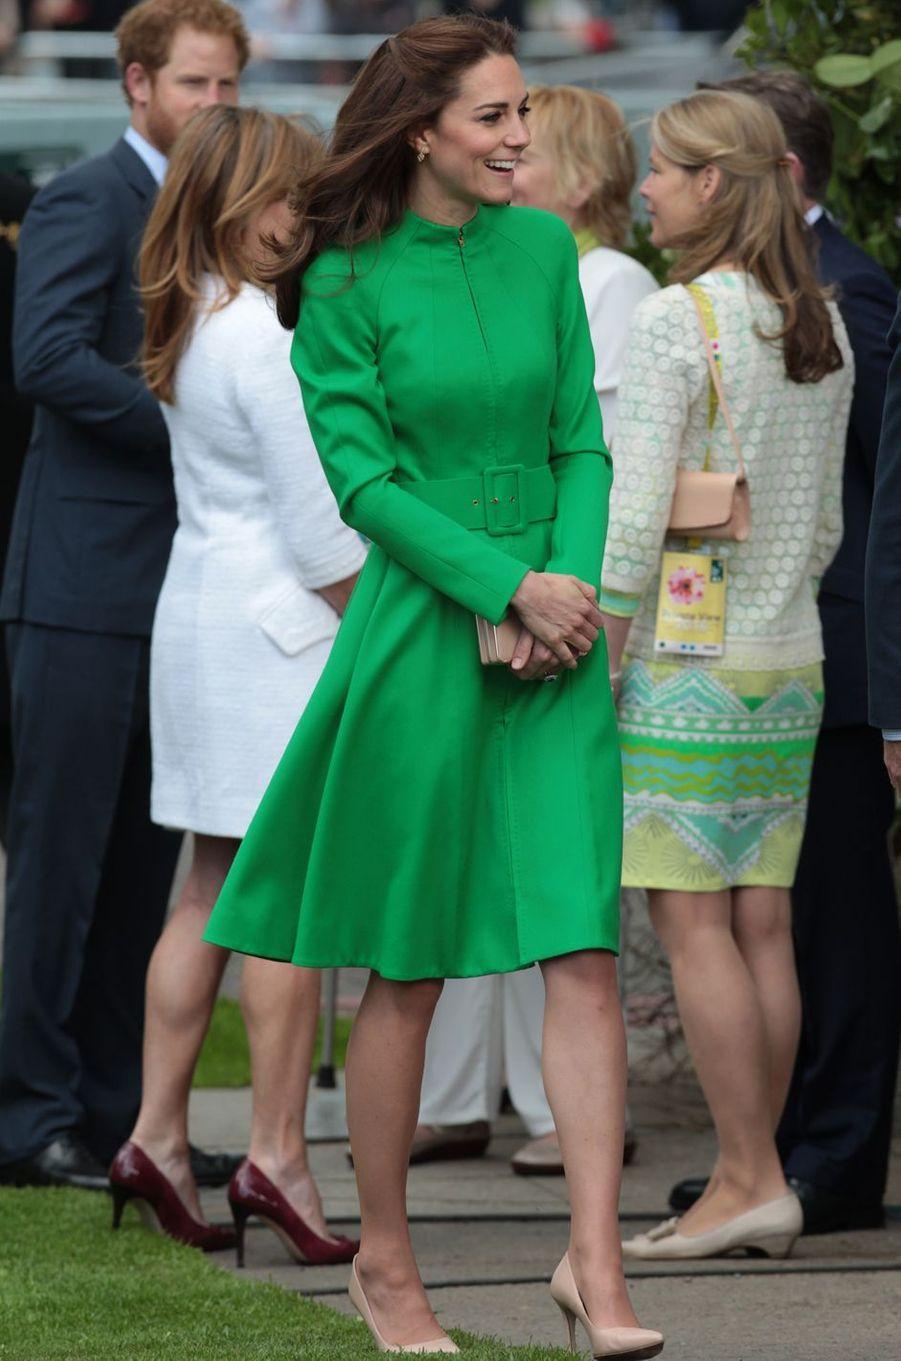 La duchesse de Cambridge, née Kate Middleton, en vert prairie au Chelsea Flower Show à Londres, le 23 mai 2016